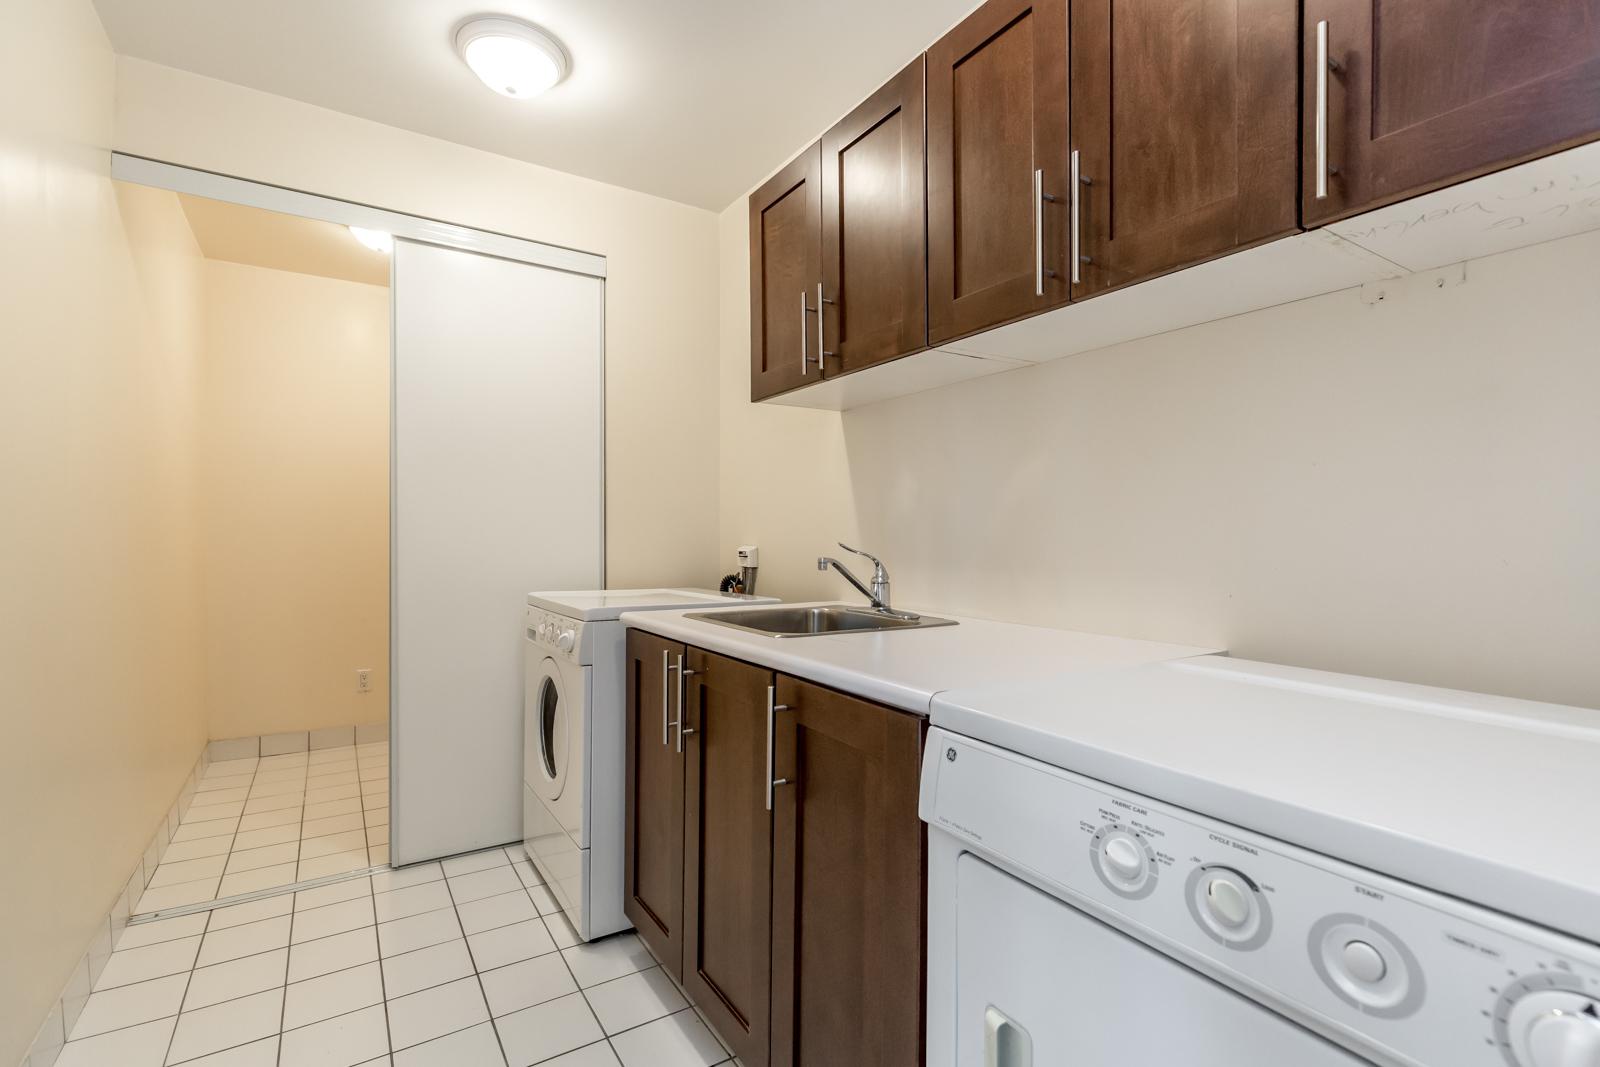 Photo of 761 Bay Street's laundry room